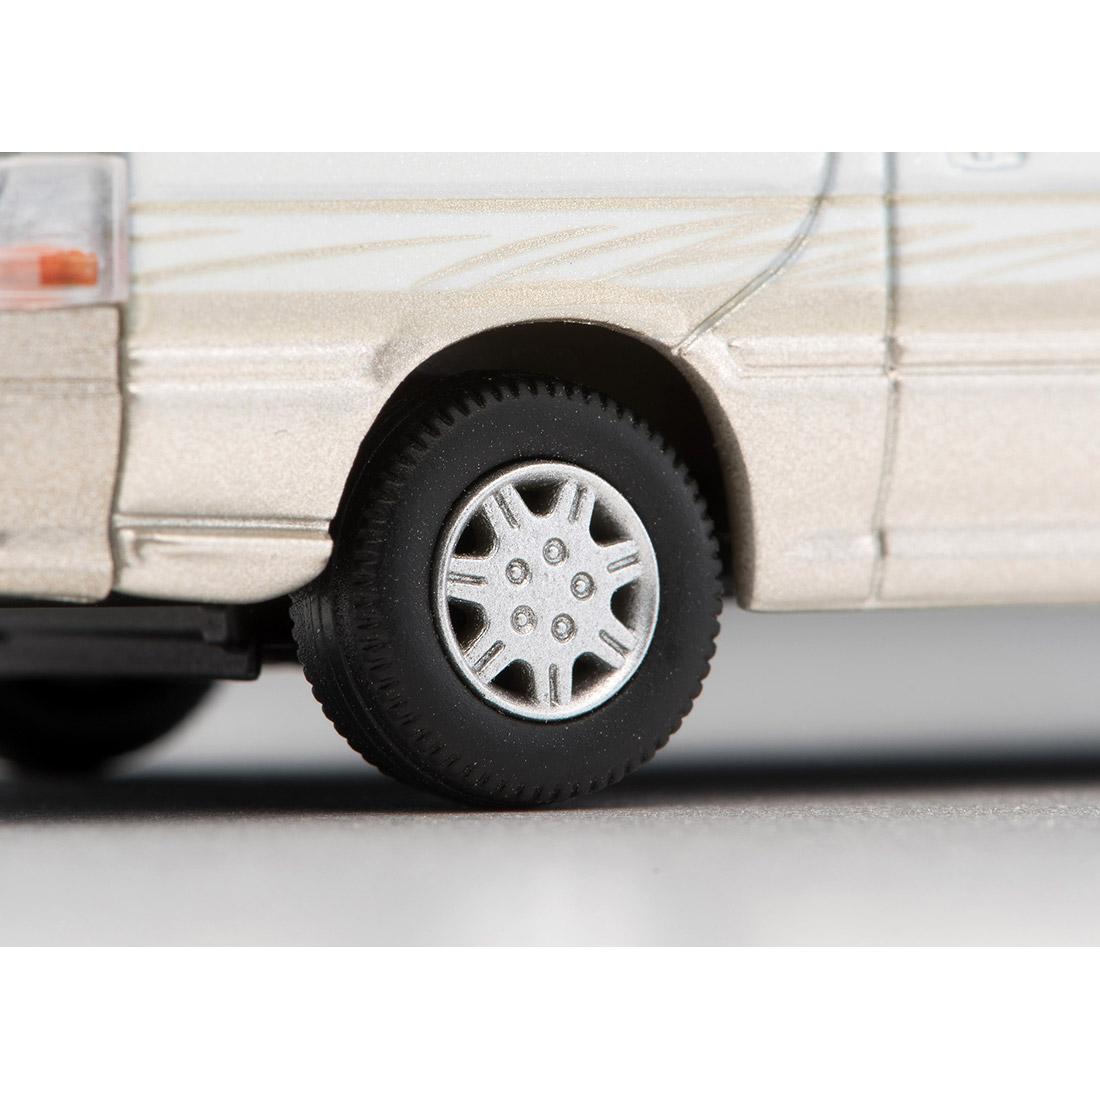 トミカリミテッド ヴィンテージ ネオ TLV-NEO『LV-N216a ハイエースワゴン リビングサルーン EX(白/ベージュ)』1/64 ミニカー-008